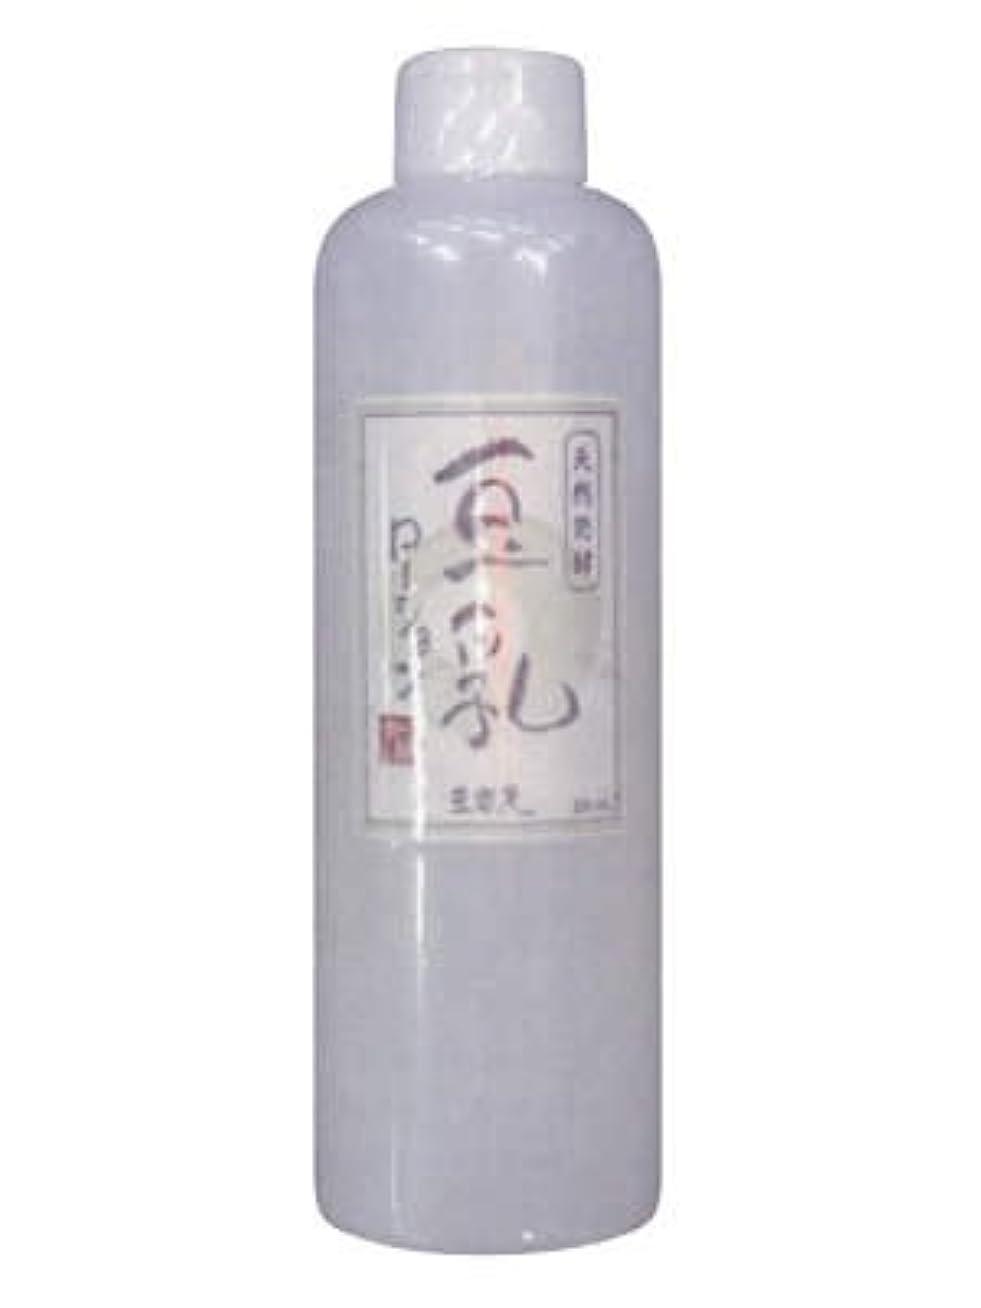 シンジケート法的原因コジット 豆乳ローション 250ml